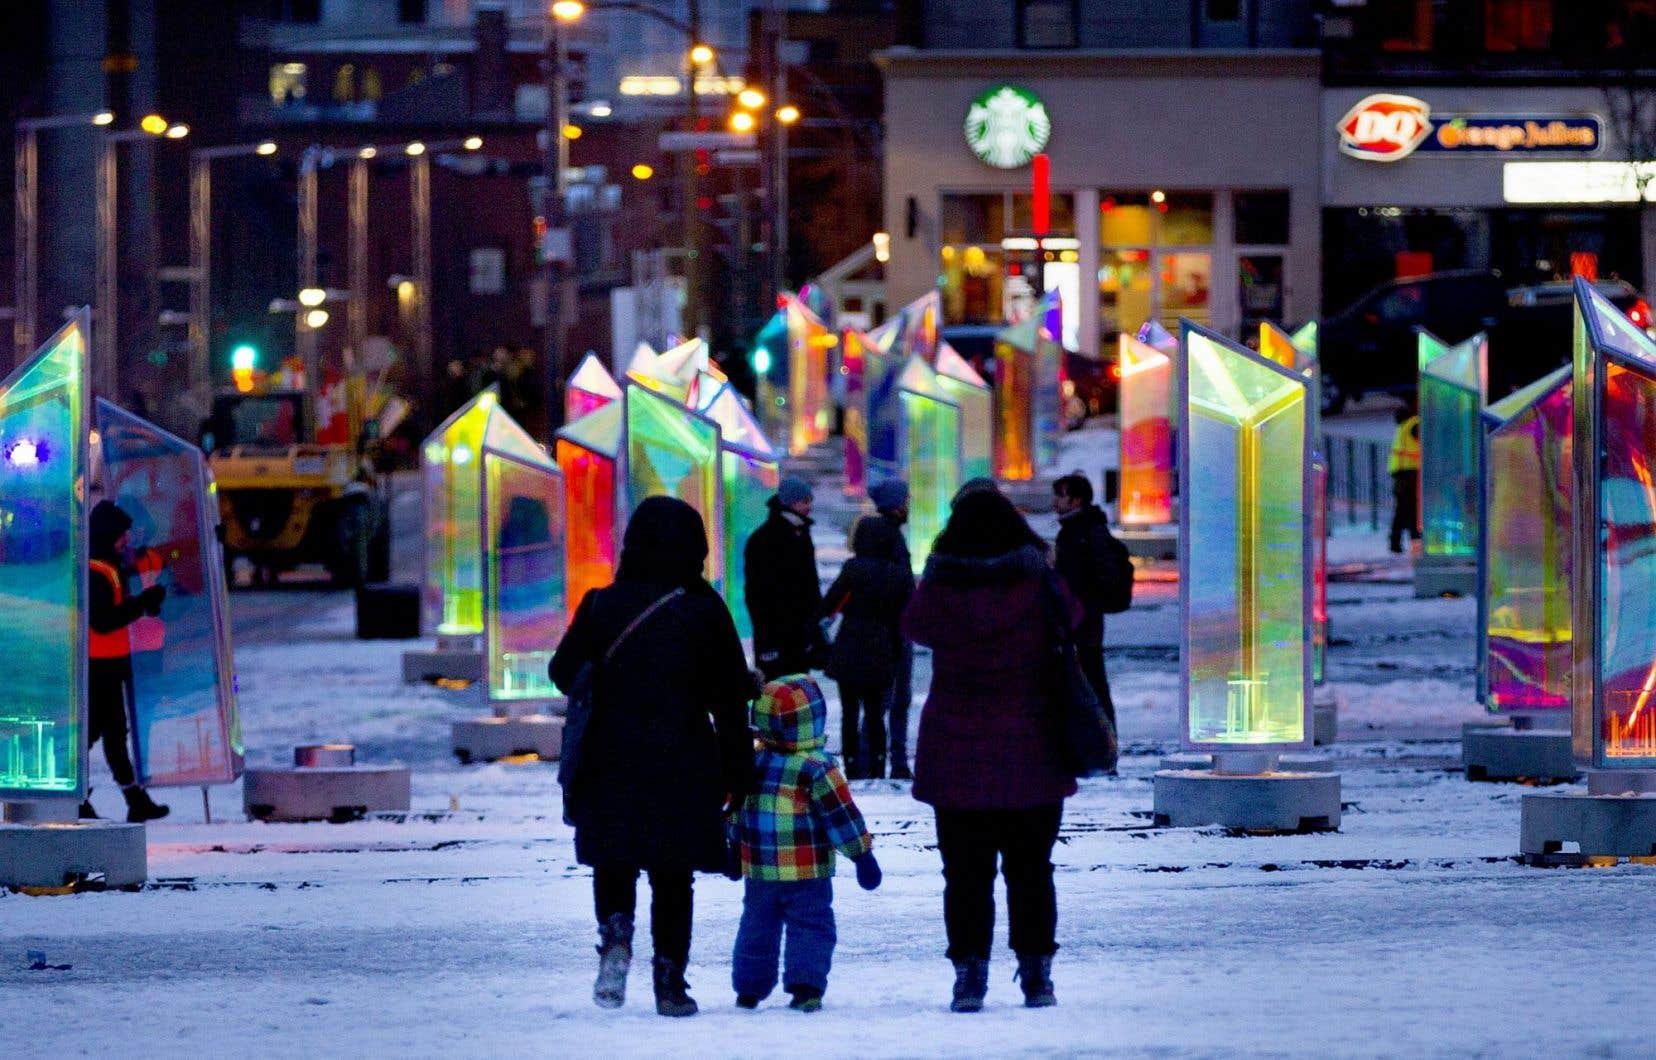 L'installation de luminothérapie installée sur la place des Festivals cet hiver sera une des expériences que Montréal veut partager avec les représentants du Global Cultural Districts Network.